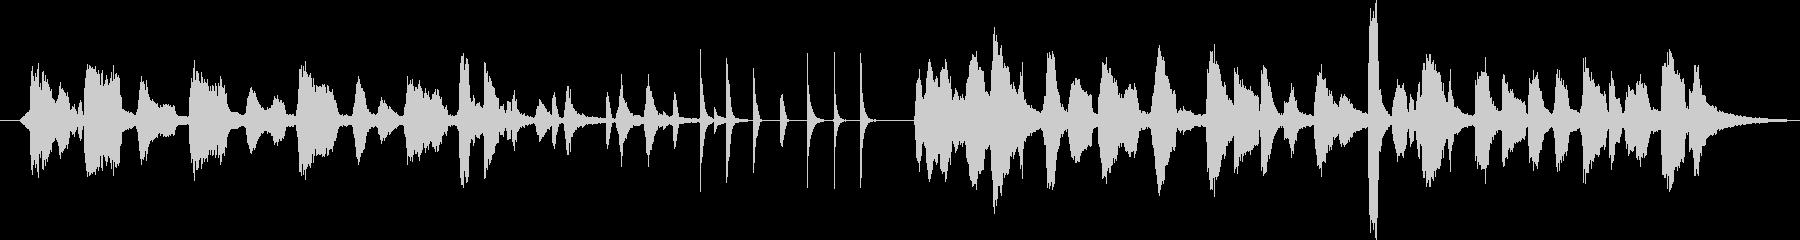 奇怪な気まぐれなオーケストレーショ...の未再生の波形